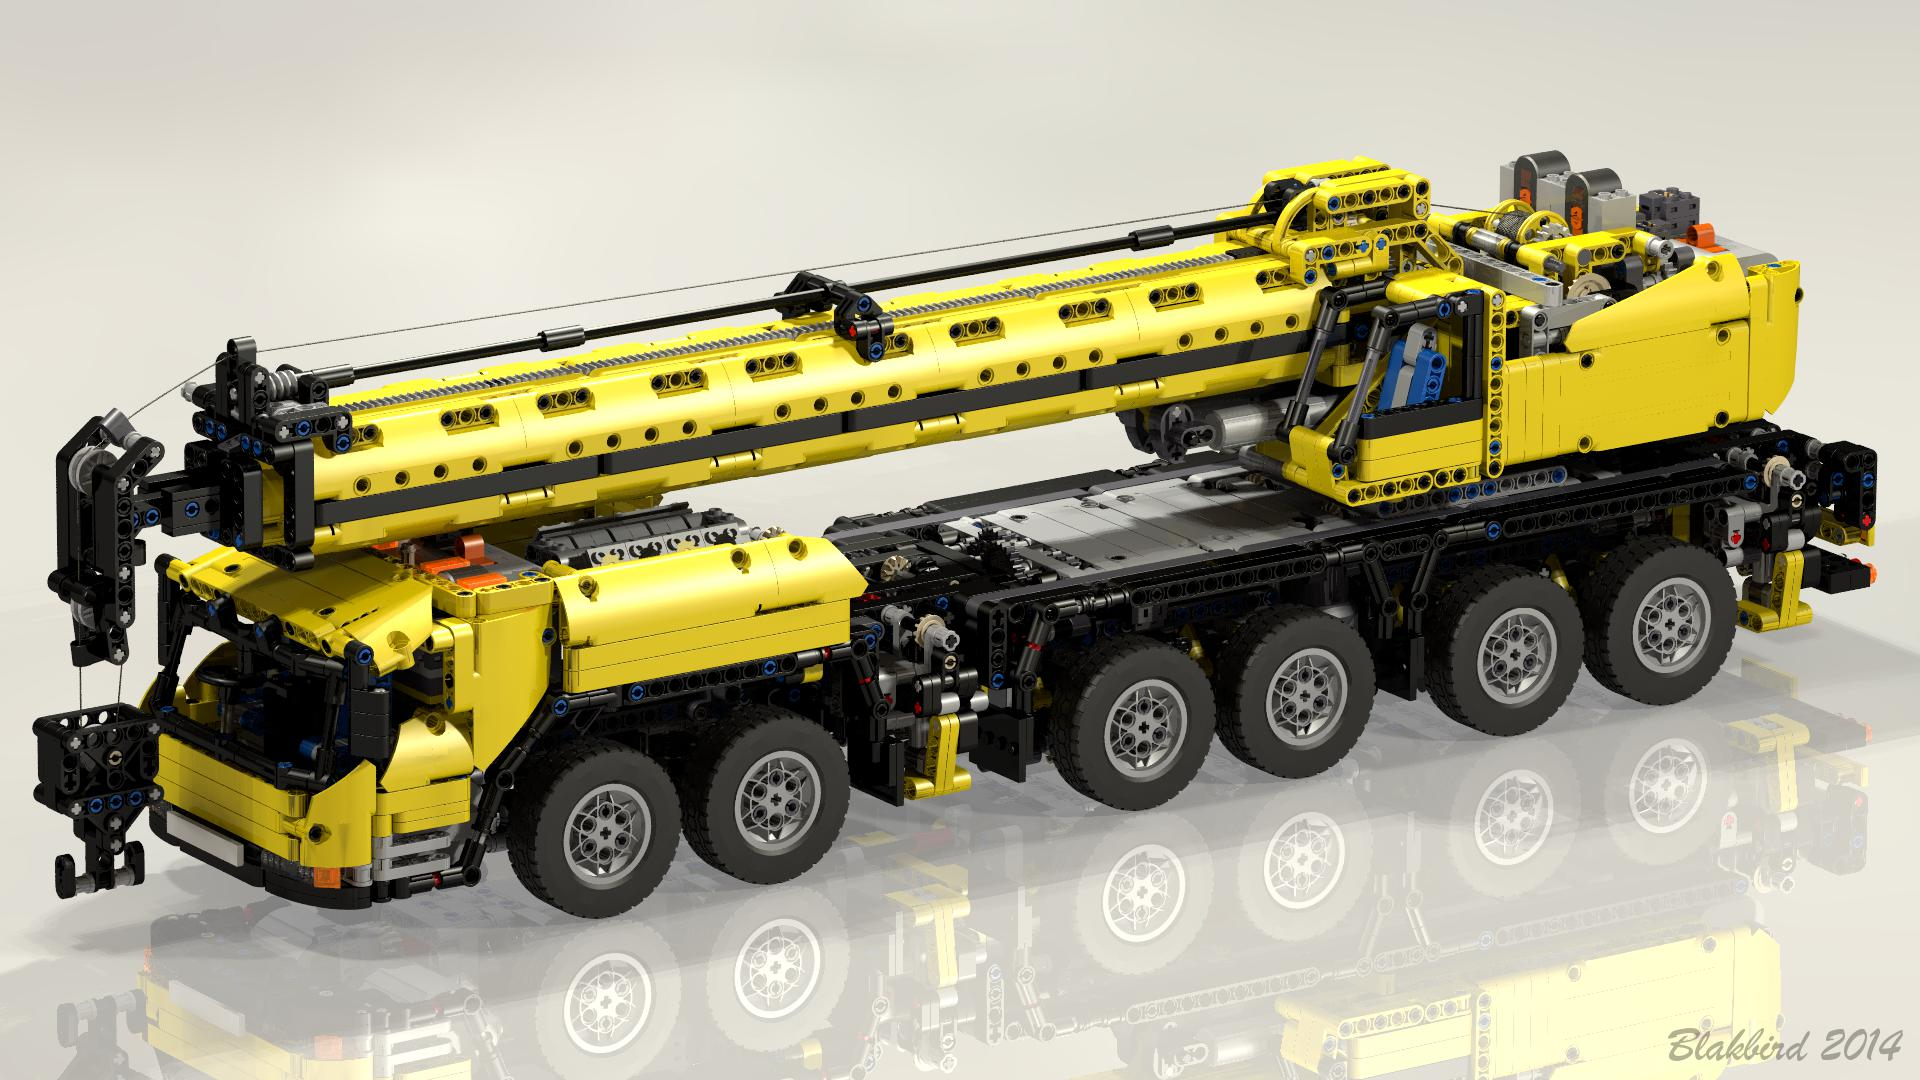 Lego moc-5509 grove gmk6400 mobile crane mk iii (technic 2015.